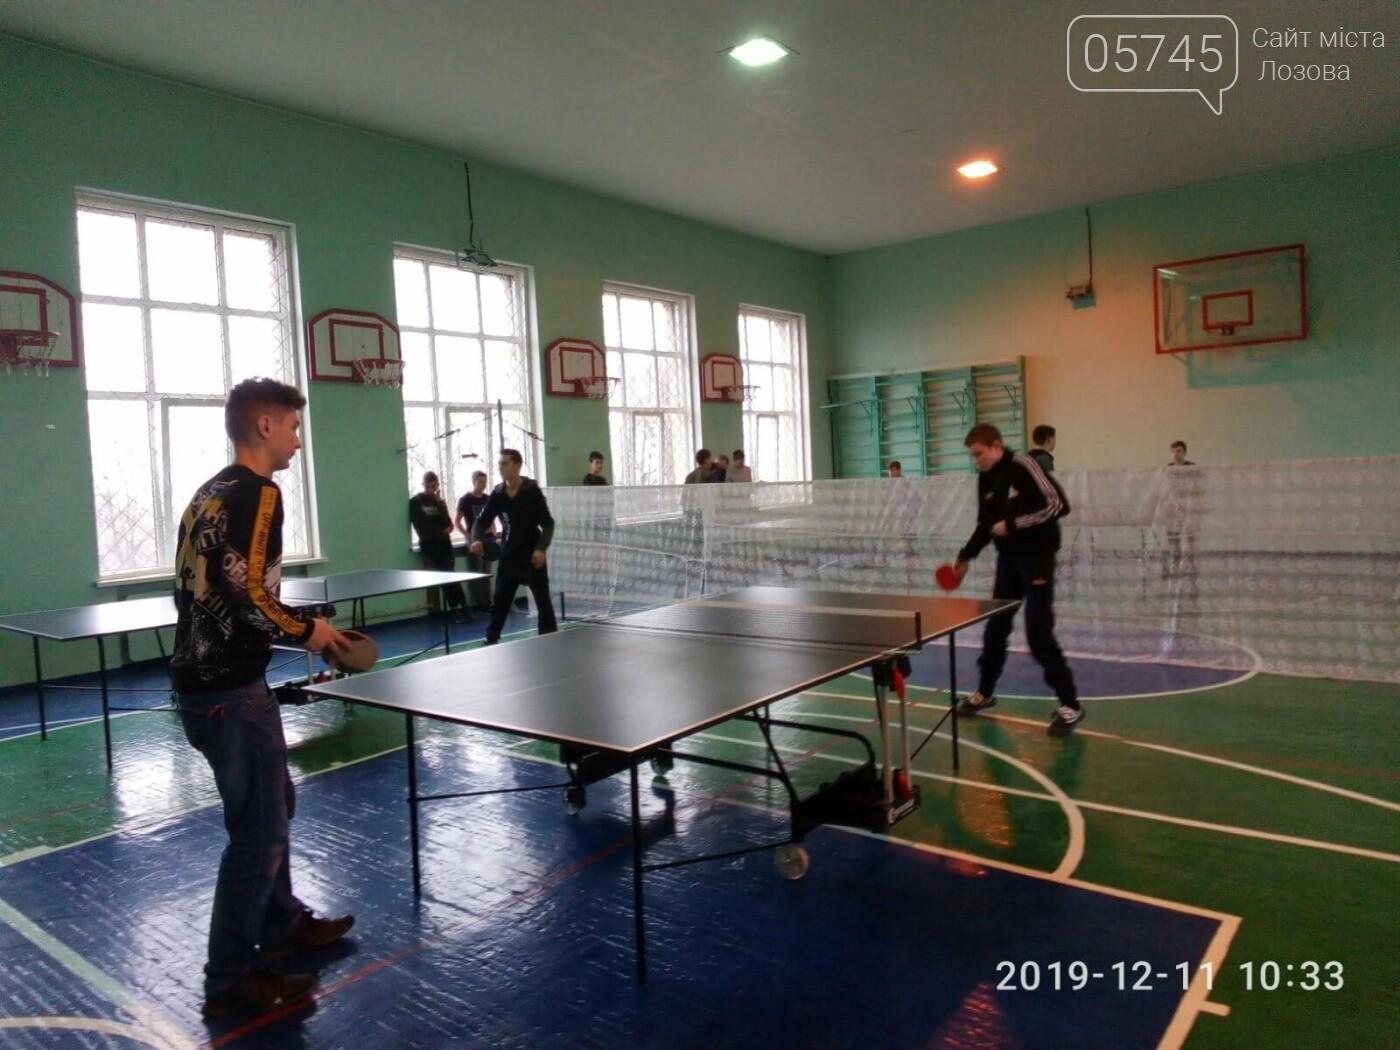 Среди школьников Лозовской ОТГ прошла Спартакиада по настольному теннису, фото-2